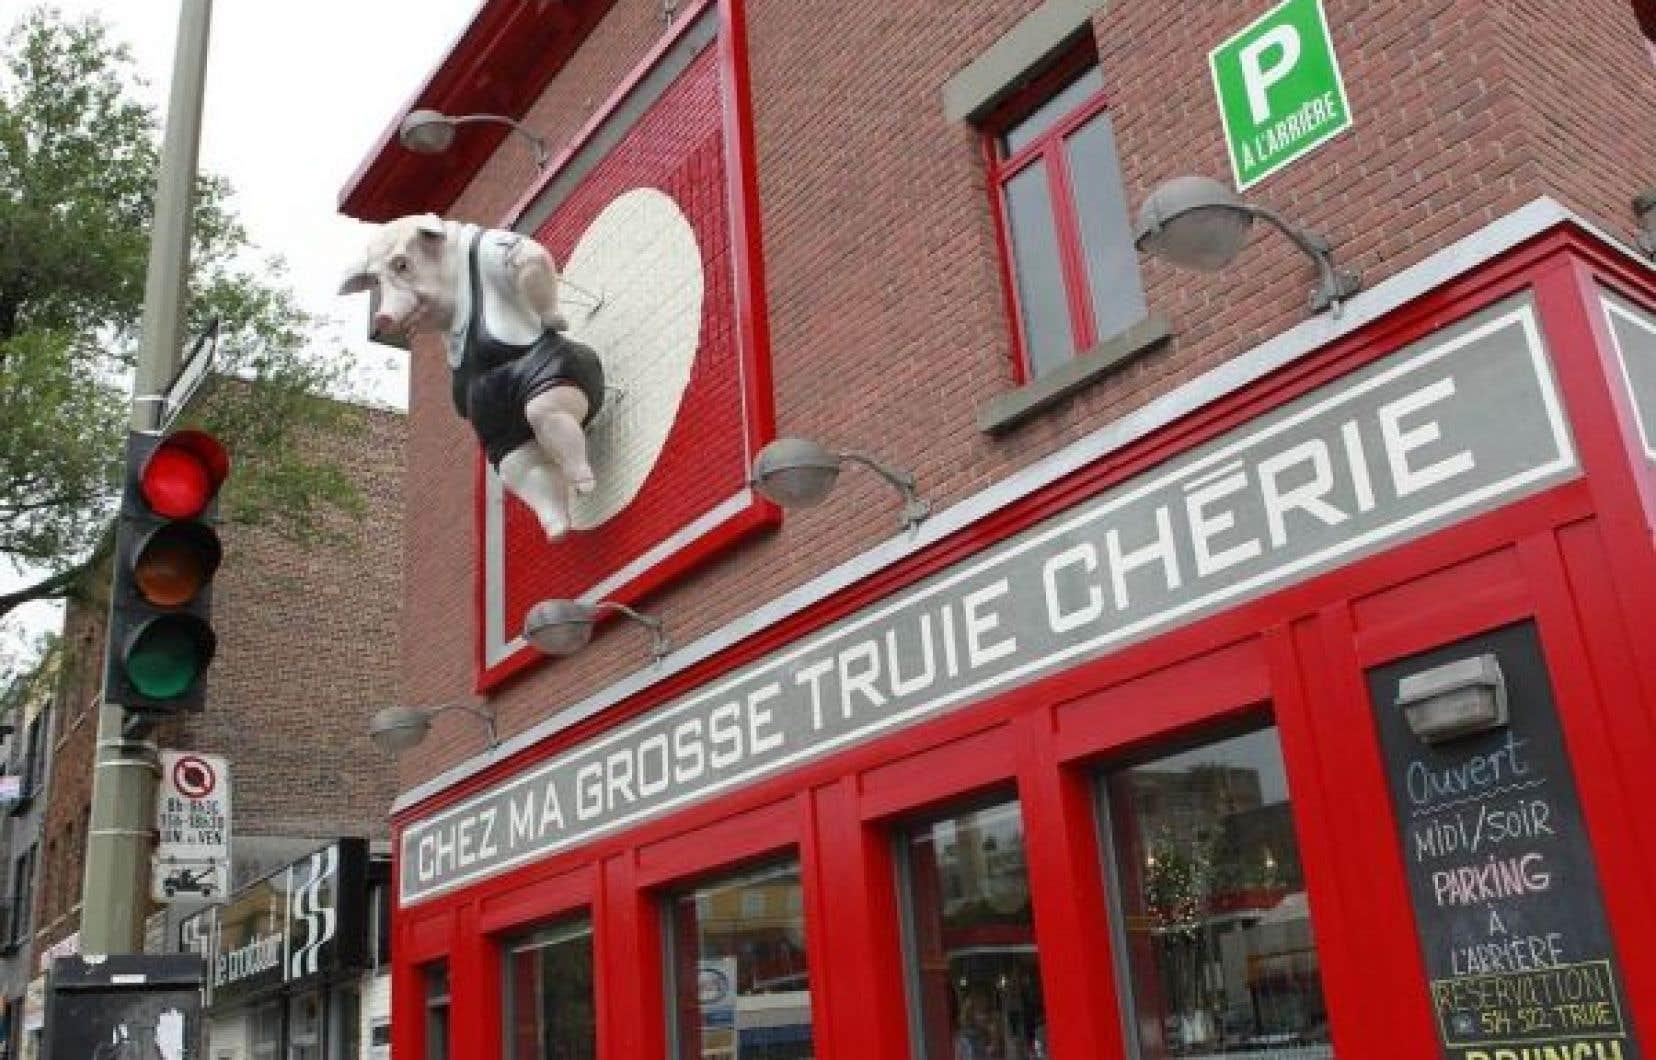 Difficile de ne pas remarquer l'enseigne du restaurant montréalais Chez ma grosse truie chérie lorsqu'on roule sur la rue Papineau, passage obligé vers le pont Jacques-Cartier.